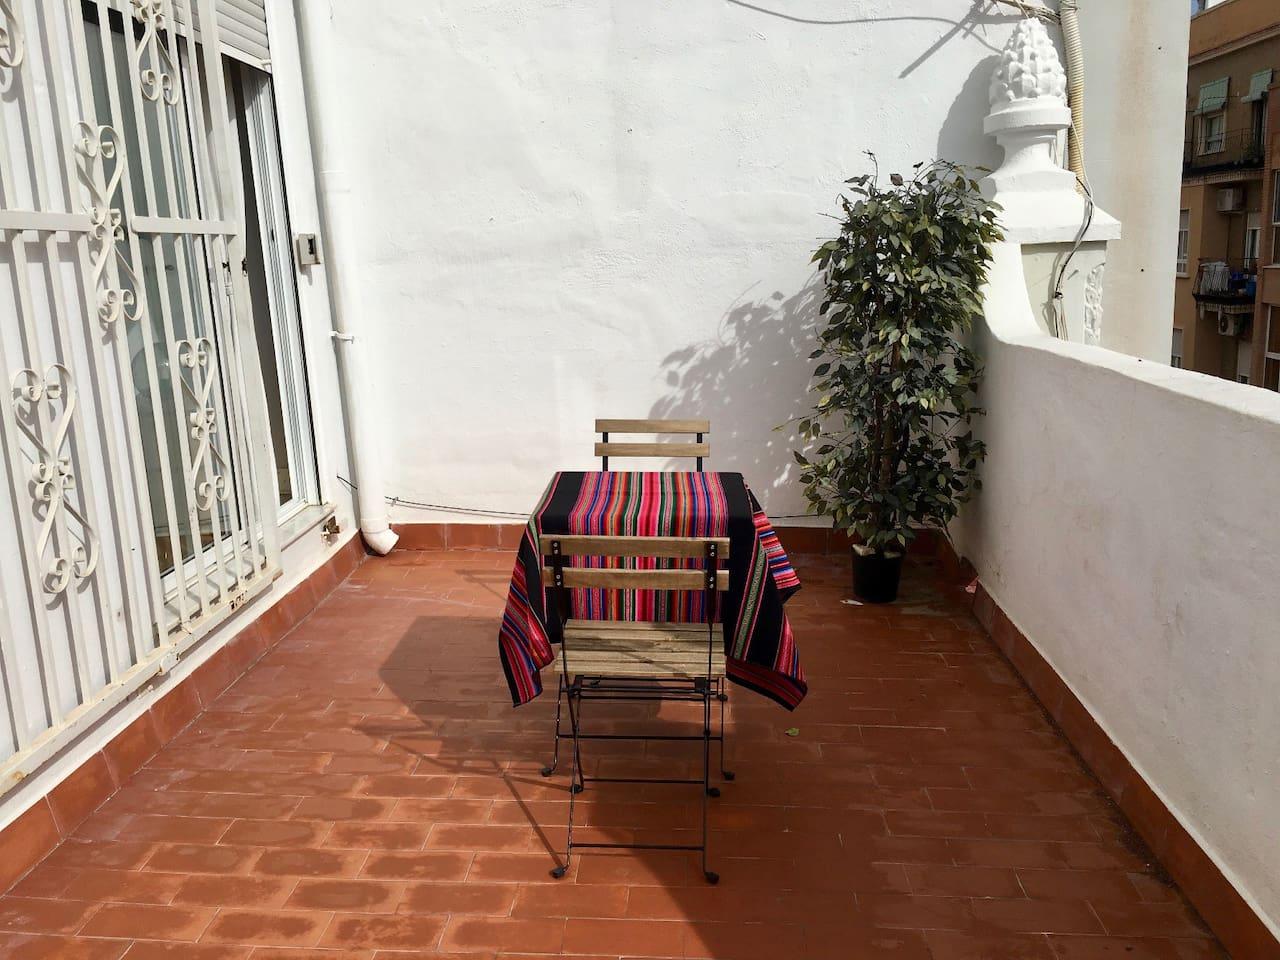 Terrace/Terraza